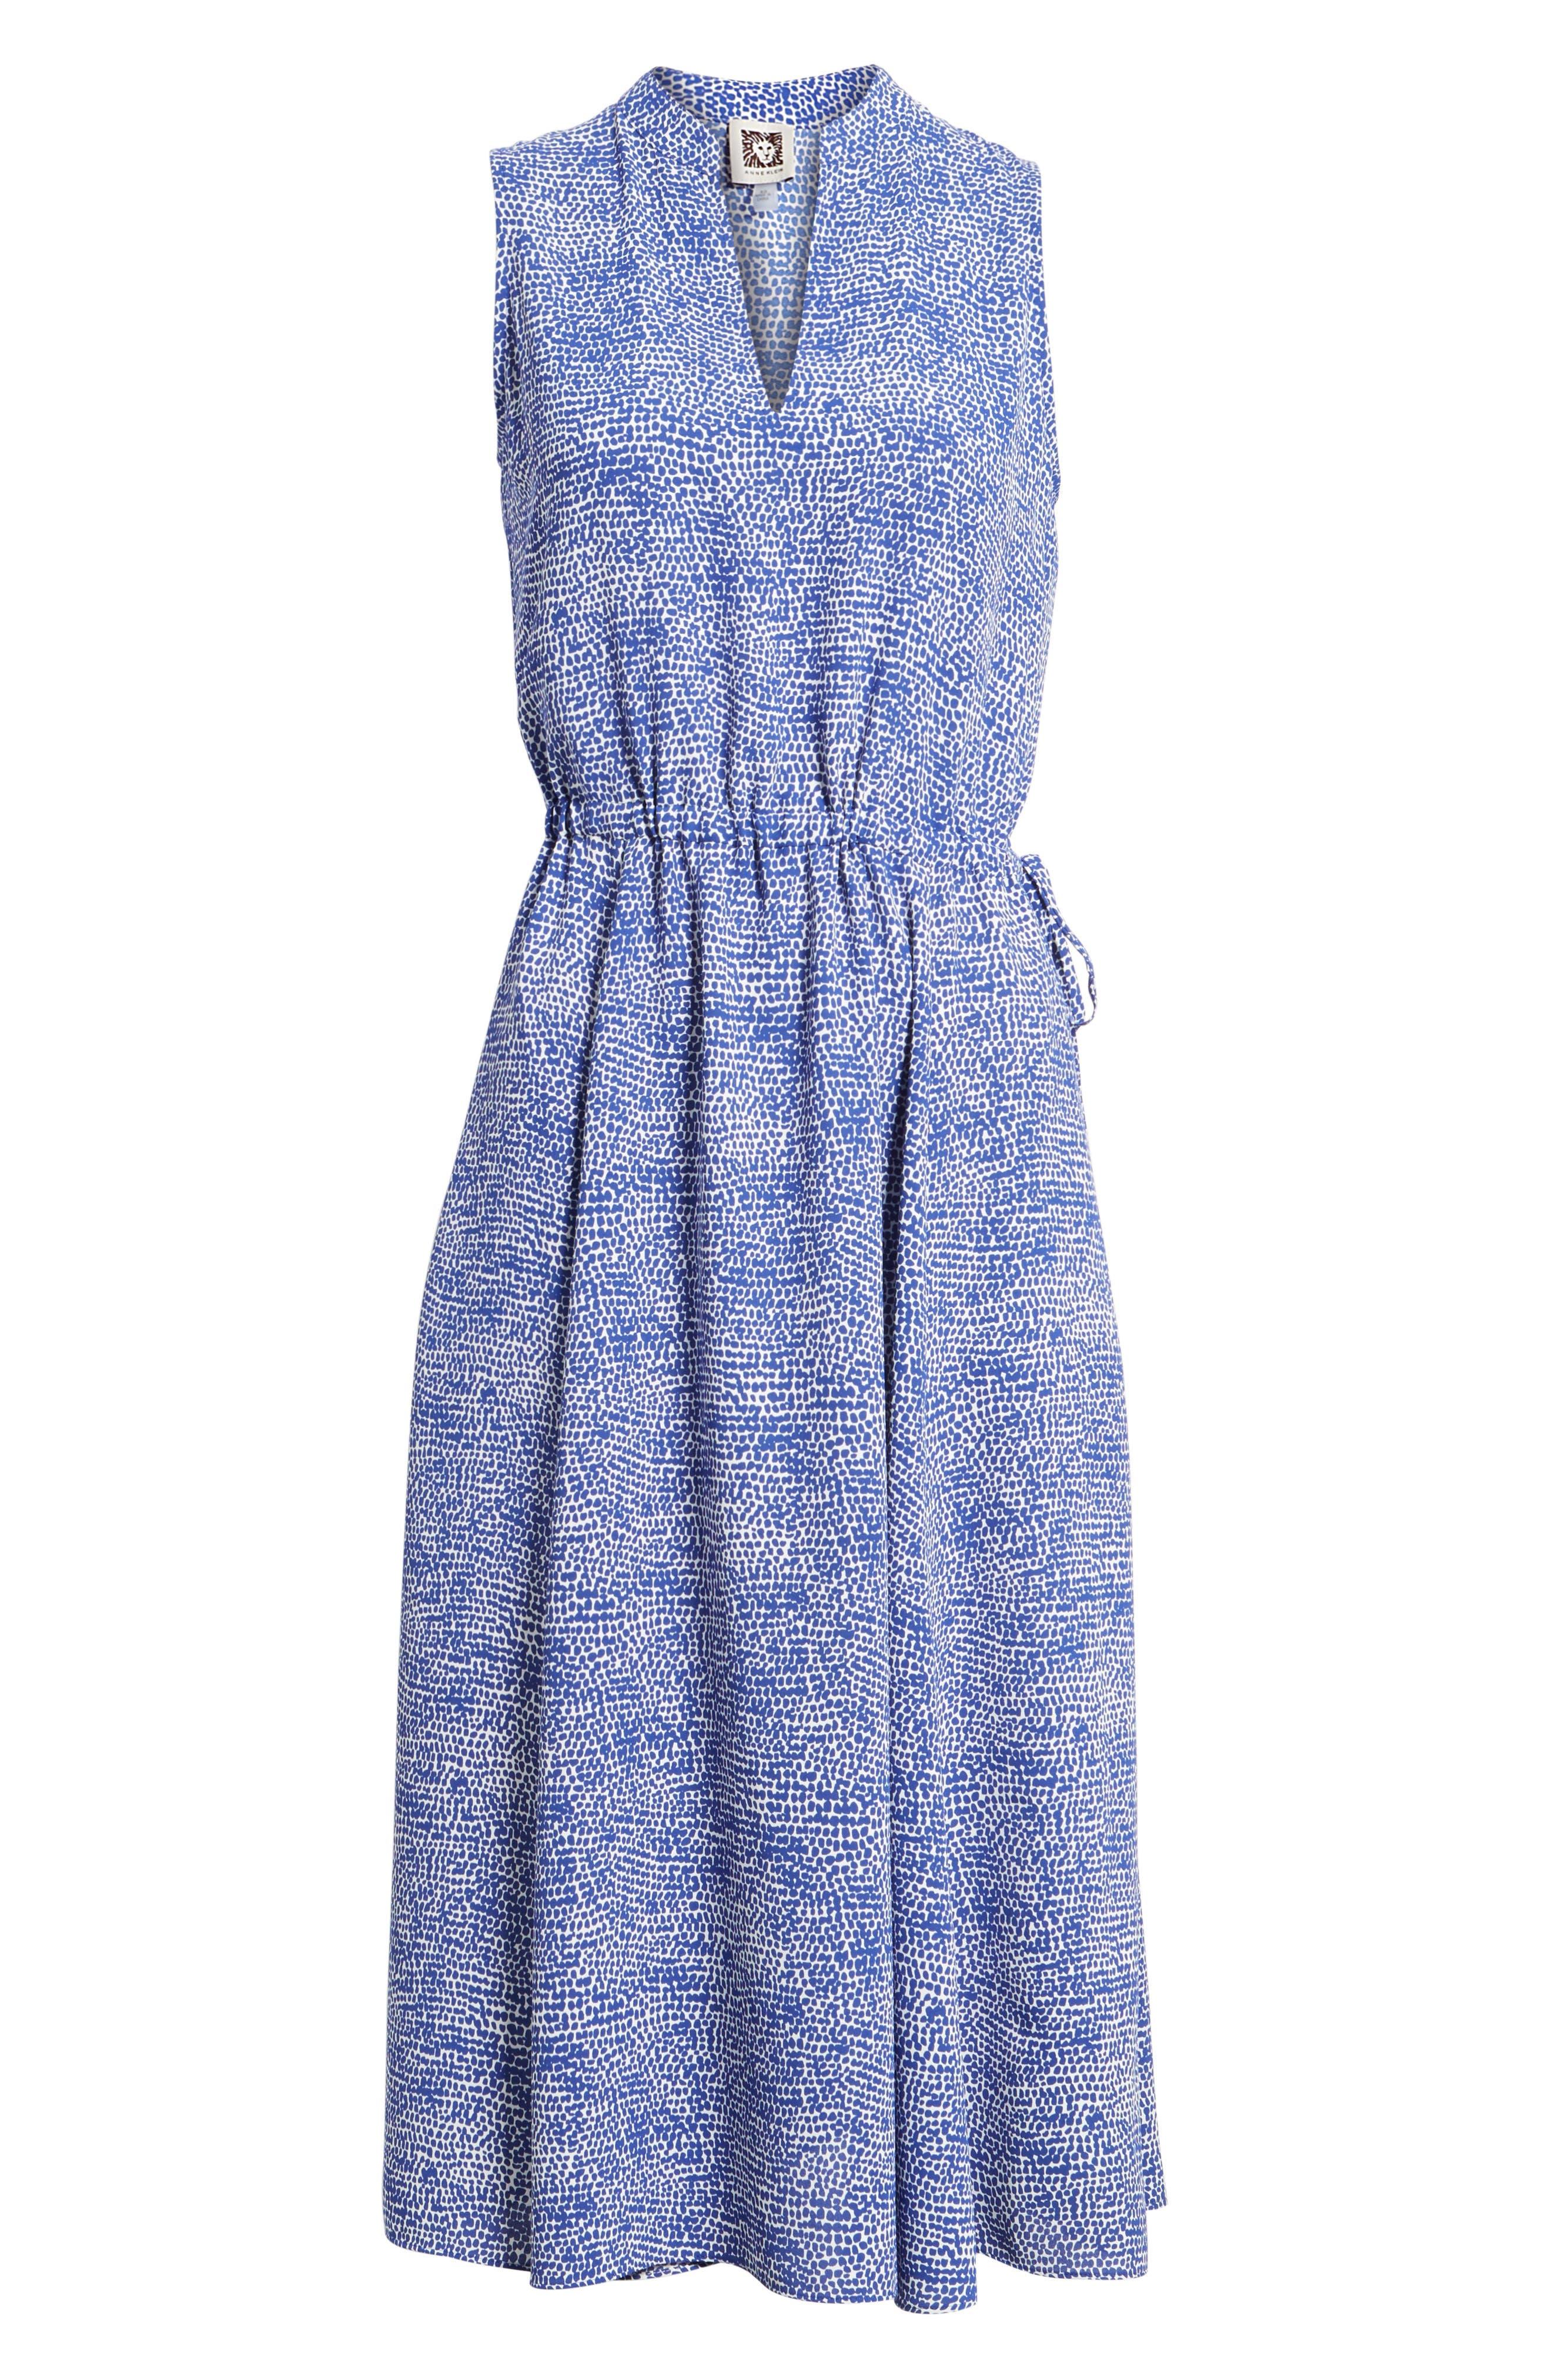 Print Drawstring Midi Dress,                             Alternate thumbnail 6, color,                             O Keefe Blue/ White Combo